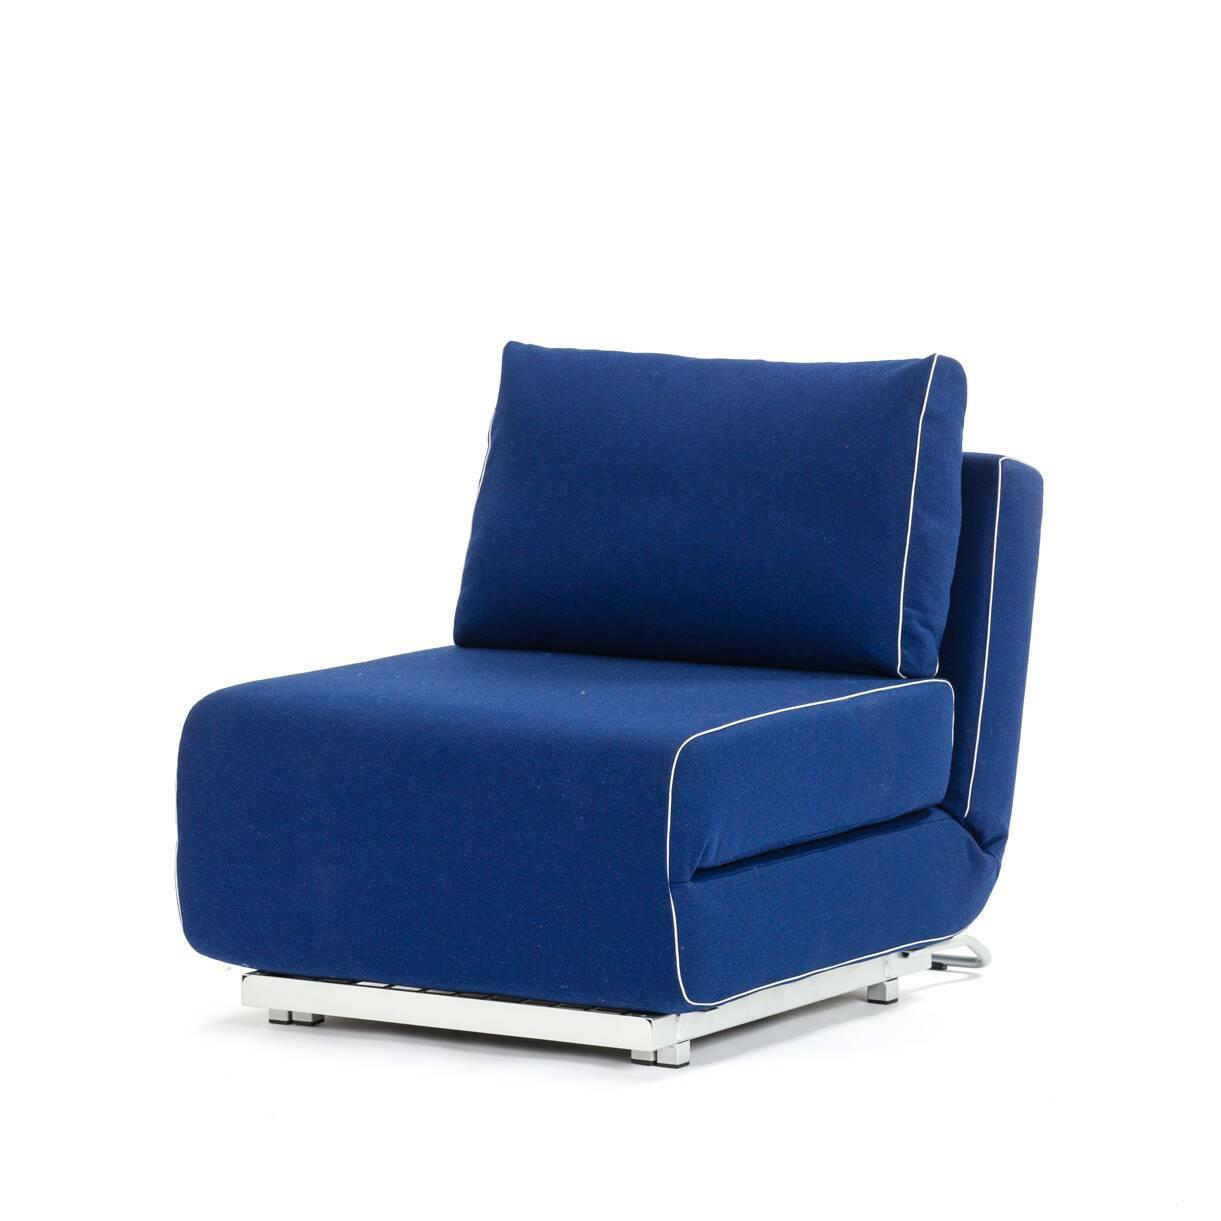 Кресло CityИнтерьерные<br>Дизайнерское компактное раскладываемое прямоугольное кресло-кровать City (Сити) из хлопка, полиэстера от Softline (Софтлайн).<br><br><br><br><br><br><br> Кресло City — это компактная мебель, идеально подходящая для маленьких городских пространств, доступная как собственно кресло, так и как односпальная кровать. Стиль, комфорт — и восемь положений спинки. Кресло входит в состав серии City, состоящей из дивана и кресла.<br><br><br> Оригинальное кресло City создано по эскизам Стине Энгельбрехтсен, известного датс...<br><br>stock: 1<br>Высота: 78<br>Высота сиденья: 41<br>Ширина: 73<br>Глубина: 98<br>Цвет ножек: Хром<br>Материал обивки: Шерсть, Полиамид<br>Коллекция ткани: Felt<br>Тип материала обивки: Ткань<br>Тип материала ножек: Сталь<br>Цвет обивки: Тёмно-синий